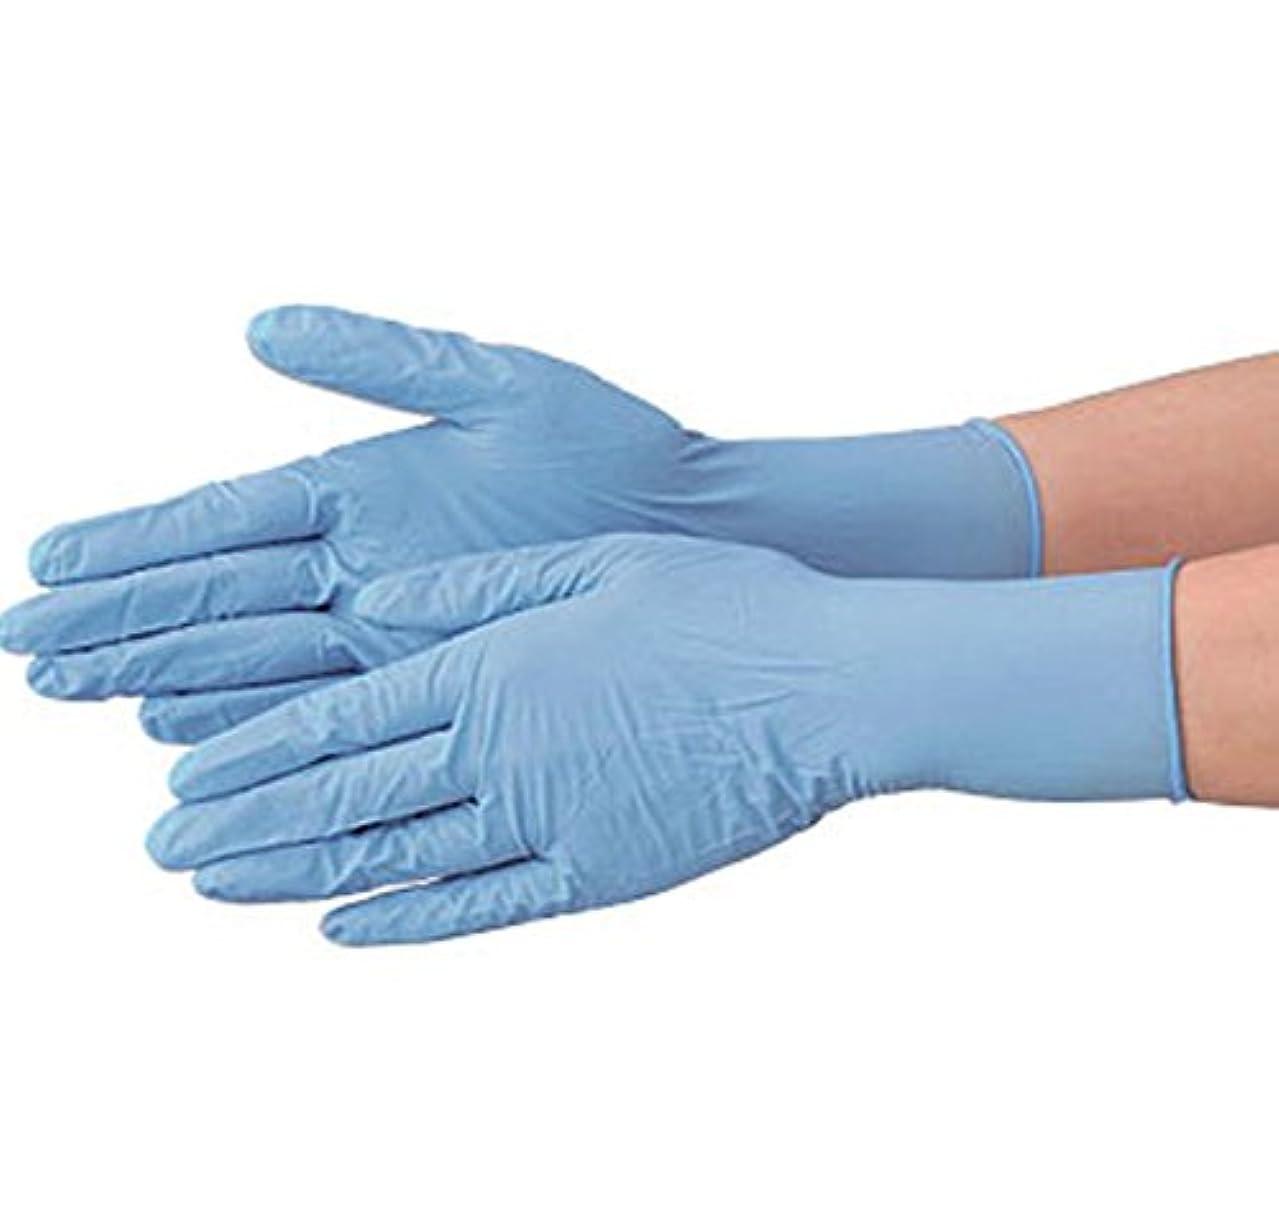 バナナ十分に許容できる使い捨て 手袋 エブノ 510 ニトリル 極薄手袋 ブルー Lサイズ ケース(100枚×40箱)